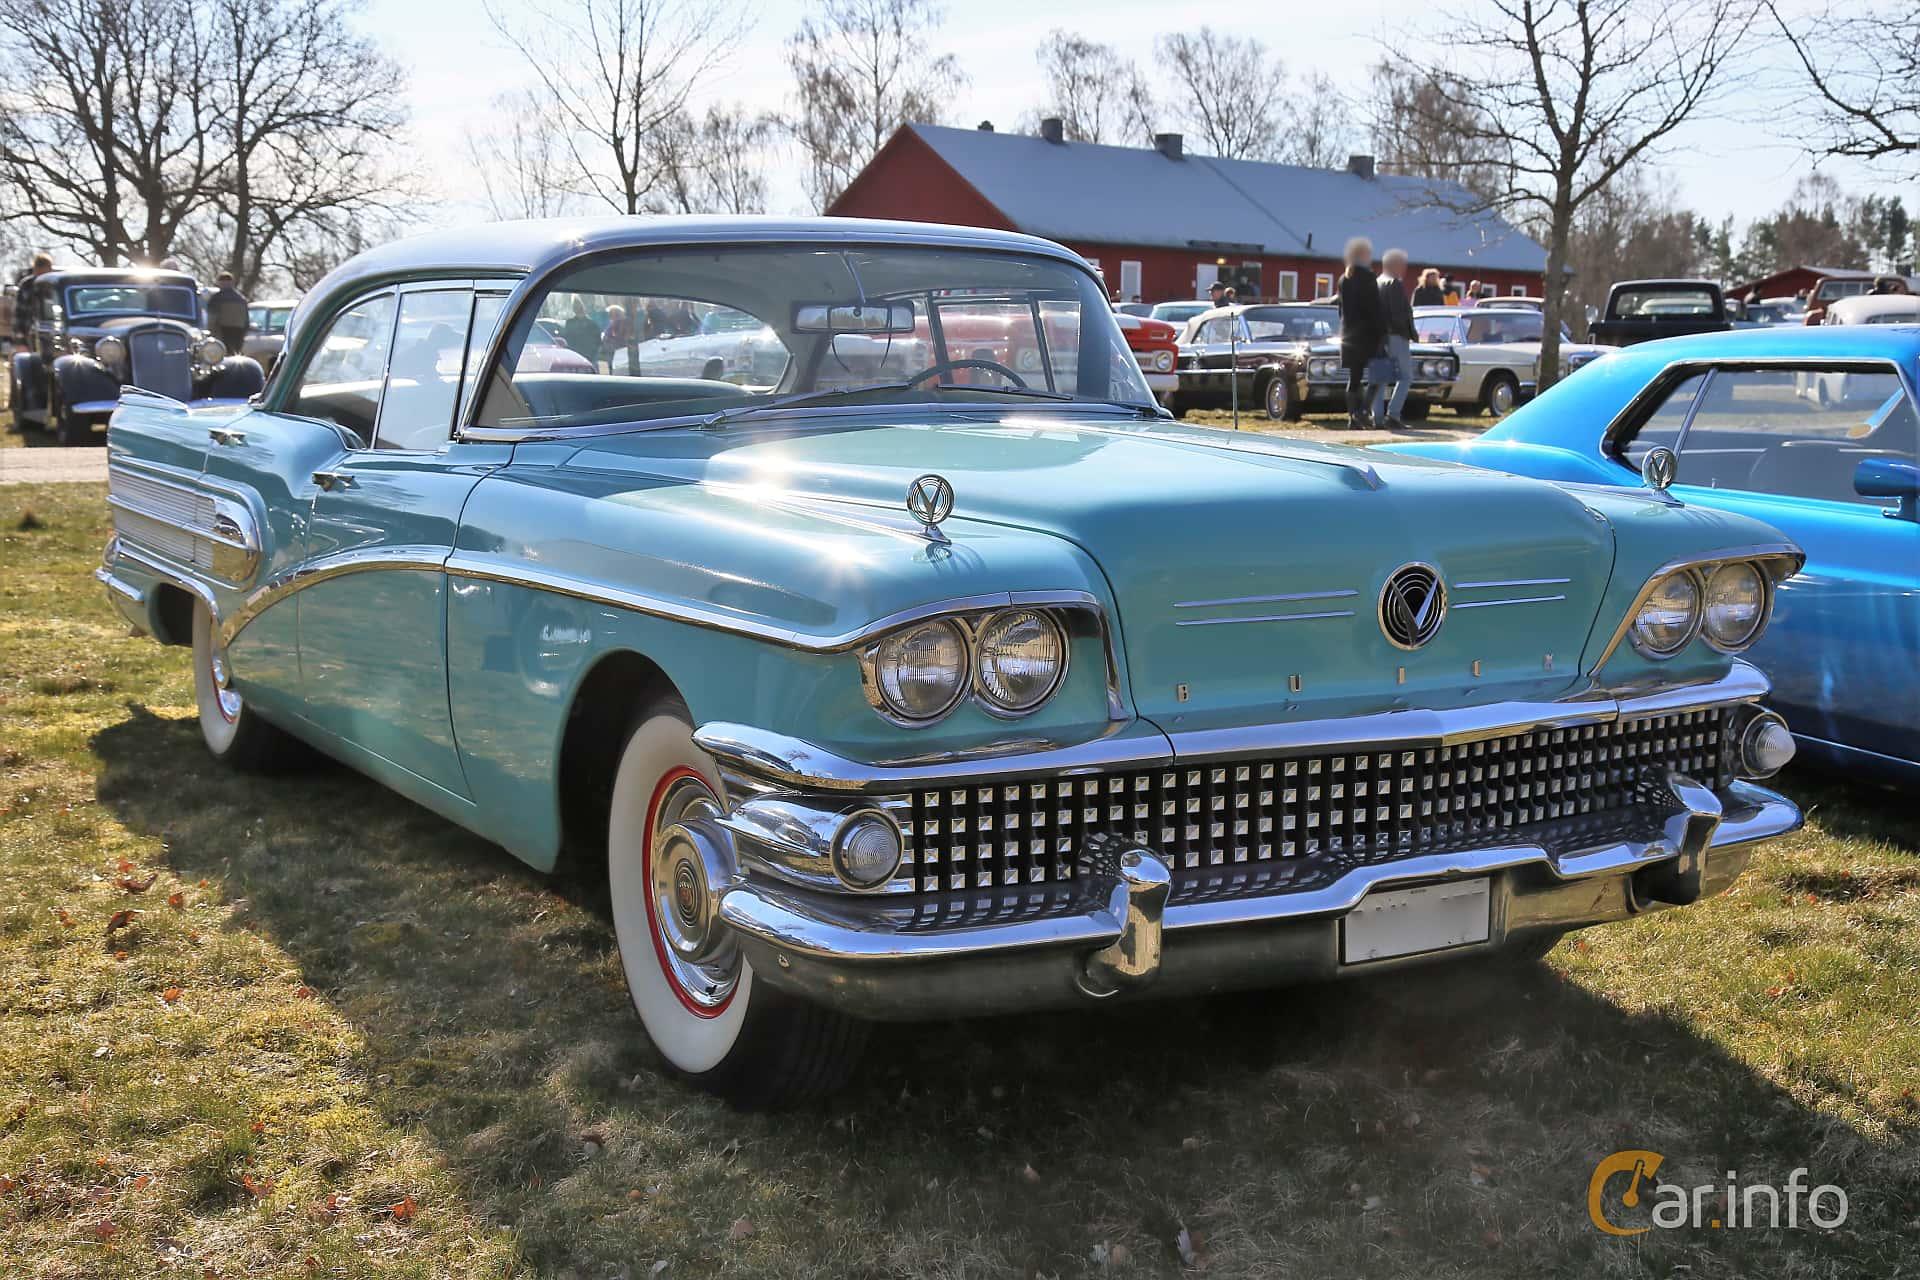 Buick Special 4-door Riviera 6.0 V8 Automatic, 254hp, 1958 at Uddevalla Veteranbilsmarknad Backamo, Ljungsk 2019